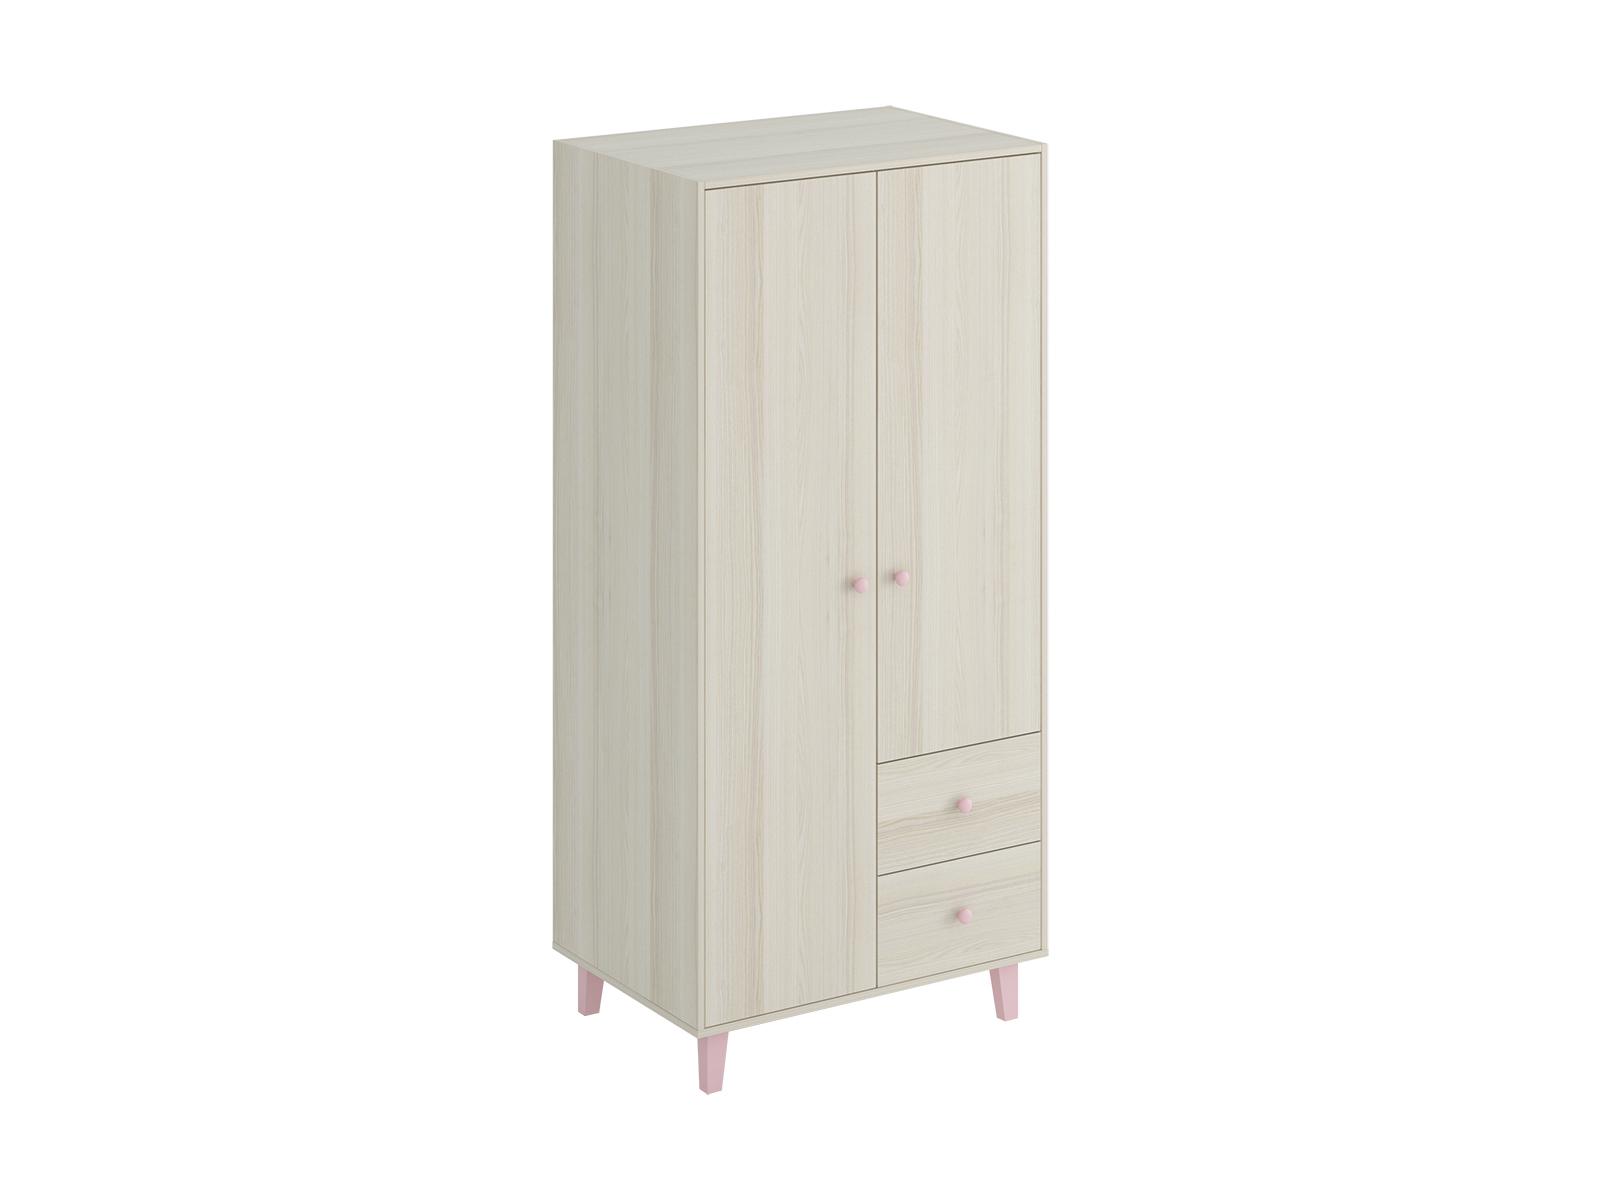 Шкаф CandyШкафы<br>Шкаф для хранения одежды имеет три отделения: отделение с полками, отделение со штангой для одежды, отделение с 2 выдвижными ящиками. Шкаф крепится к стене.<br>